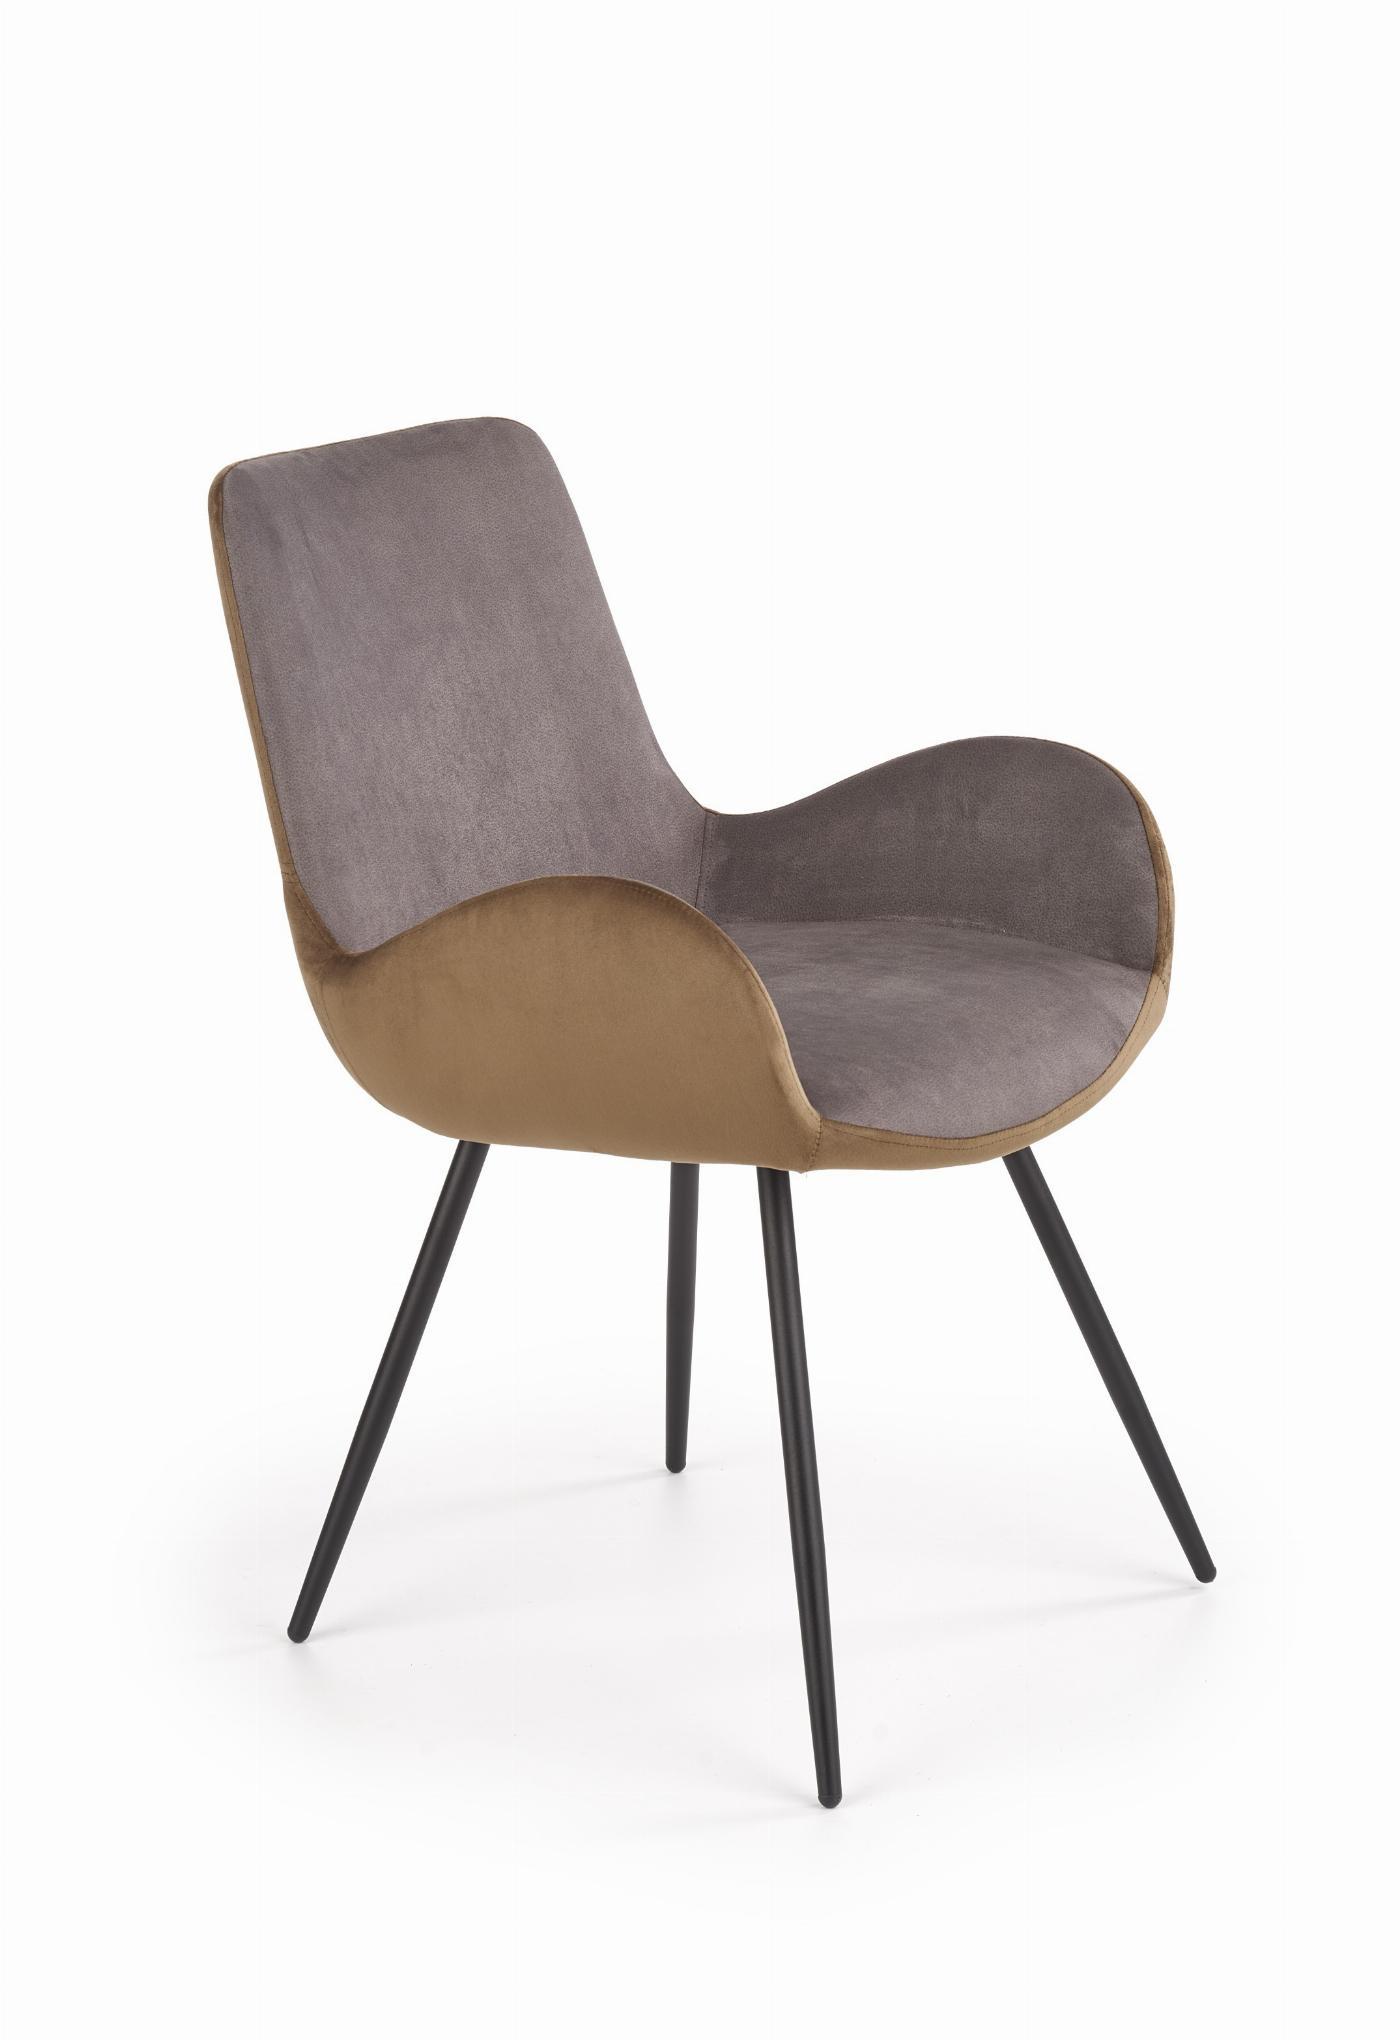 K392 krzesło popielaty / brązowy